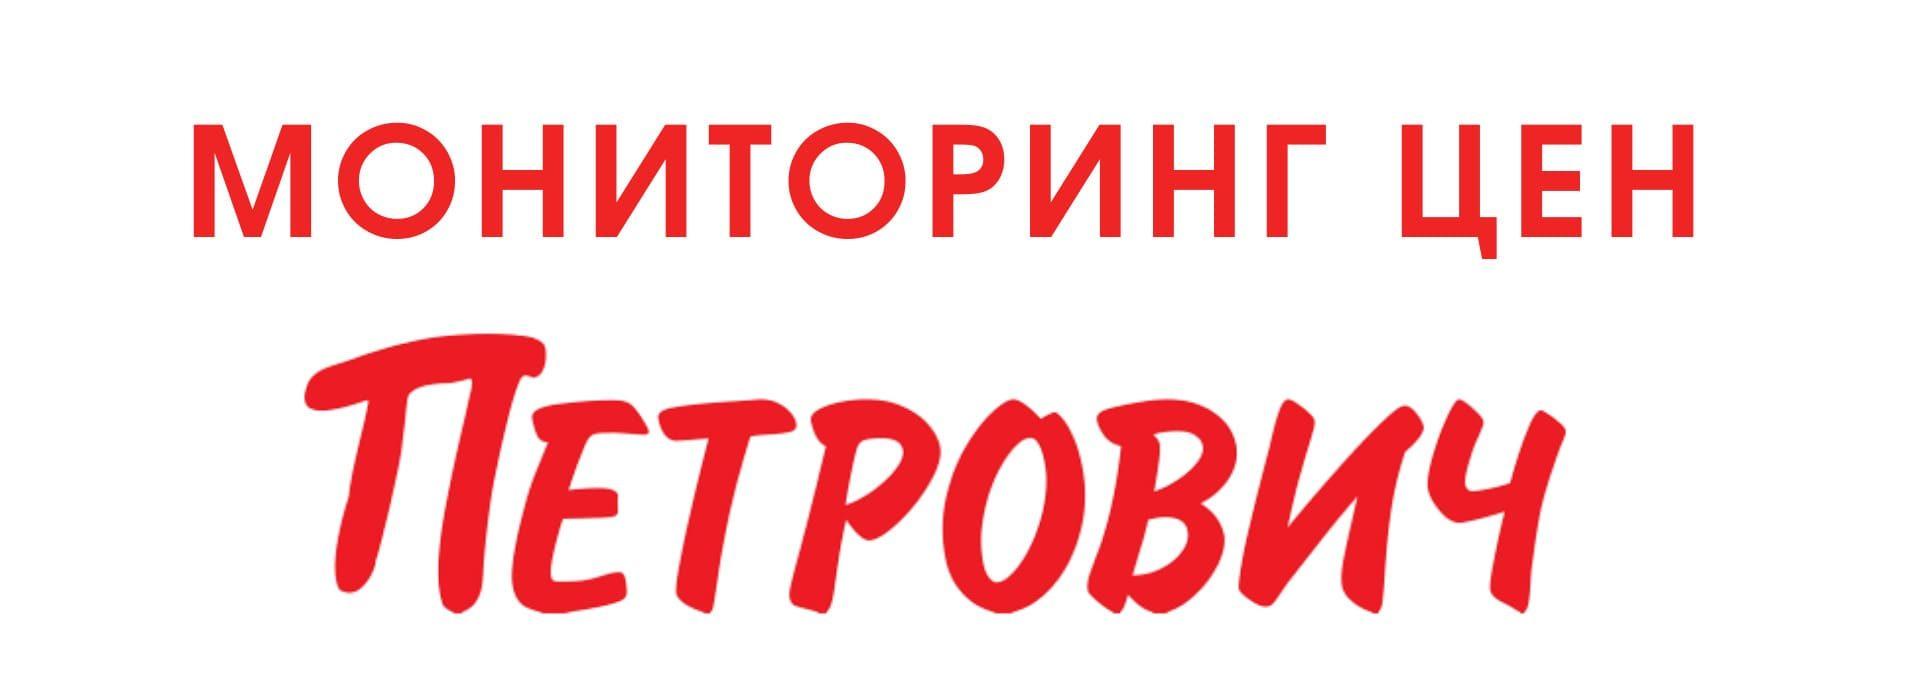 База данных Петрович Москва